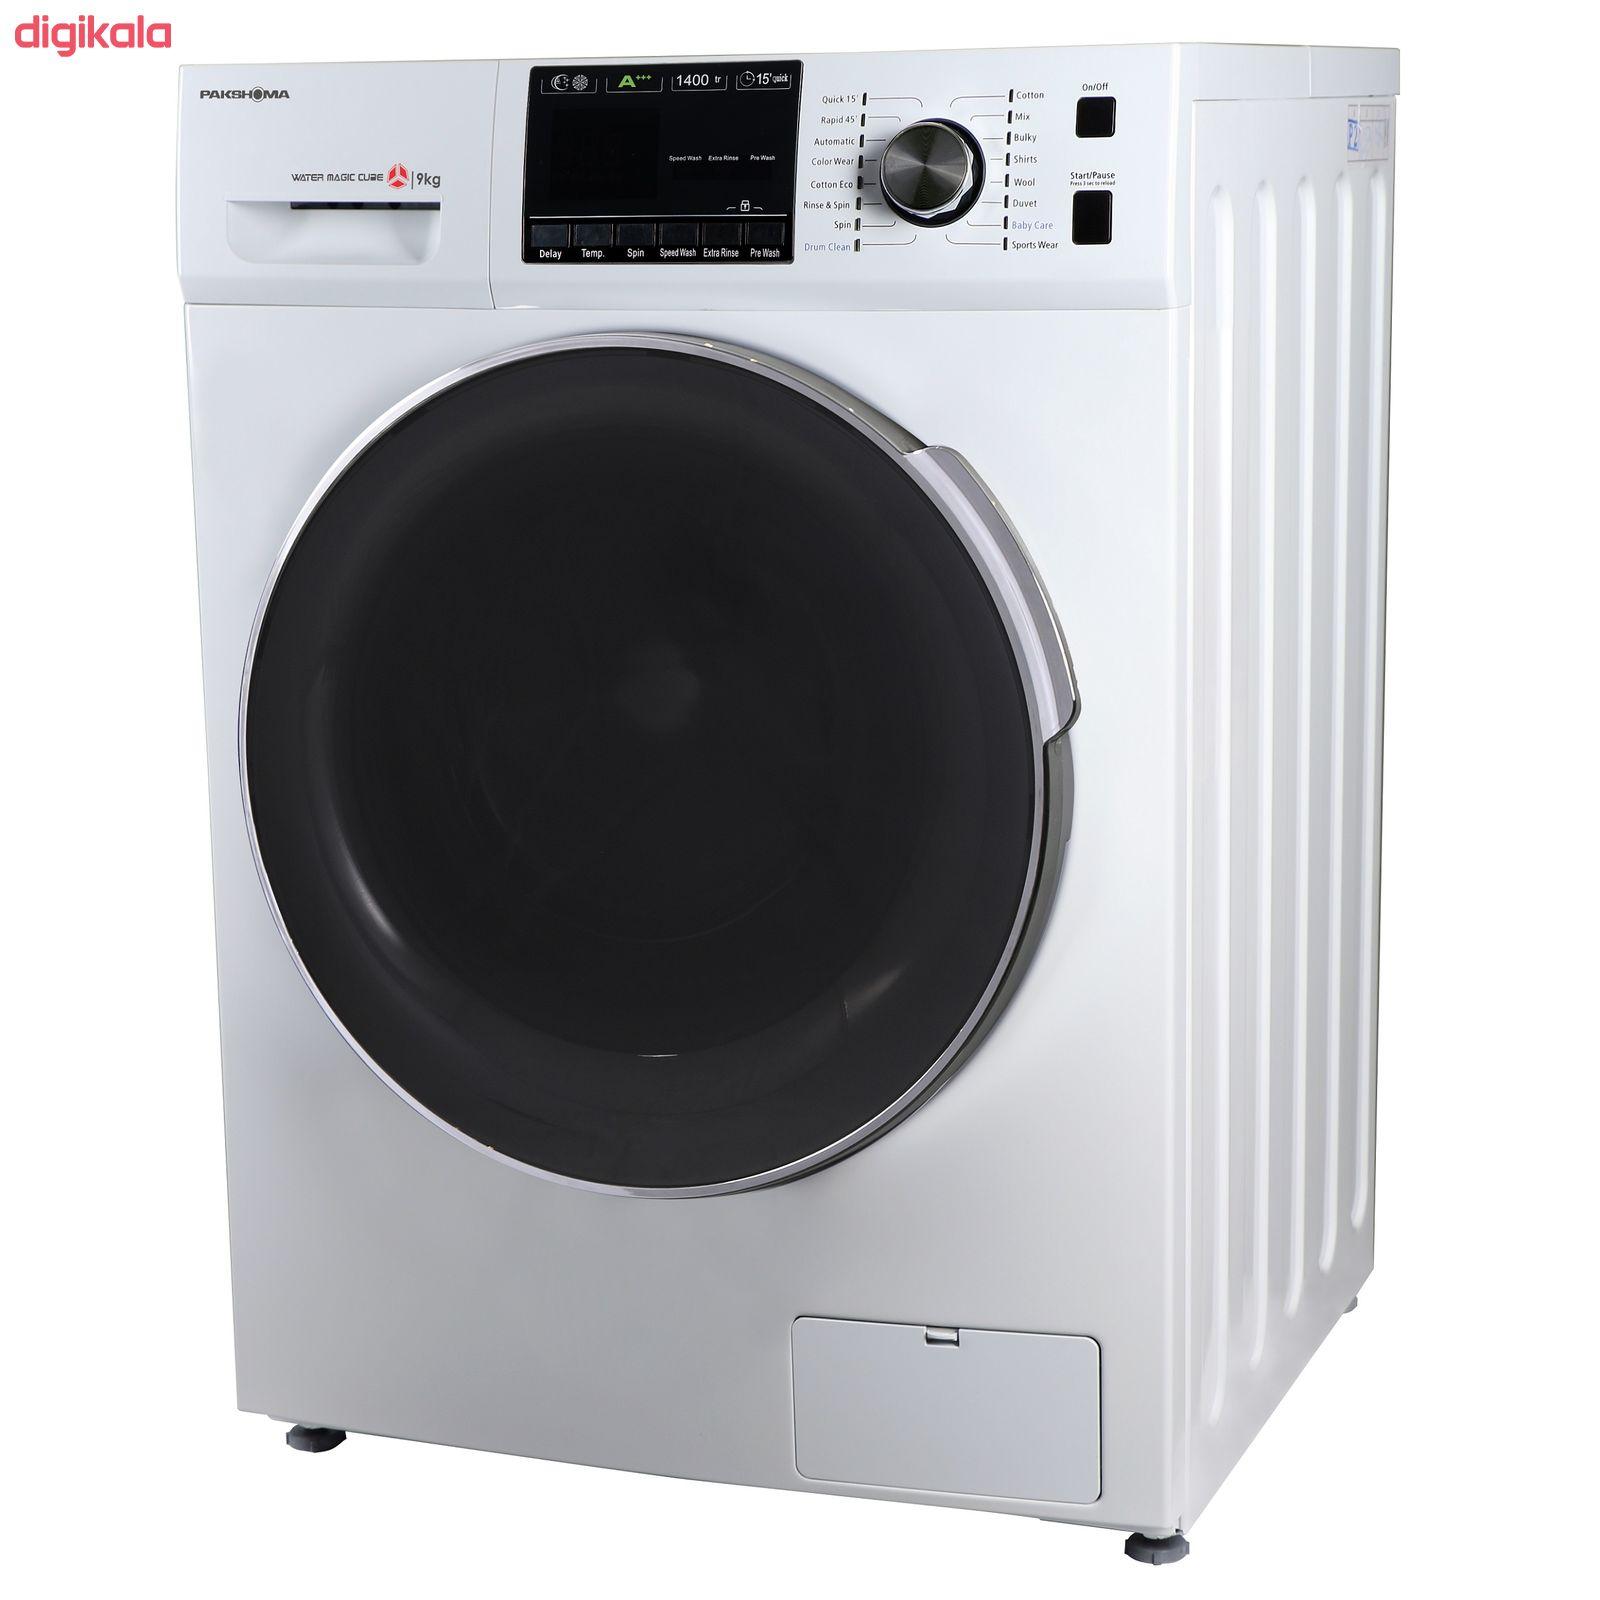 ماشین لباسشویی پاکشوما مدل TFU-94407 ظرفیت 9 کیلوگرم main 1 3